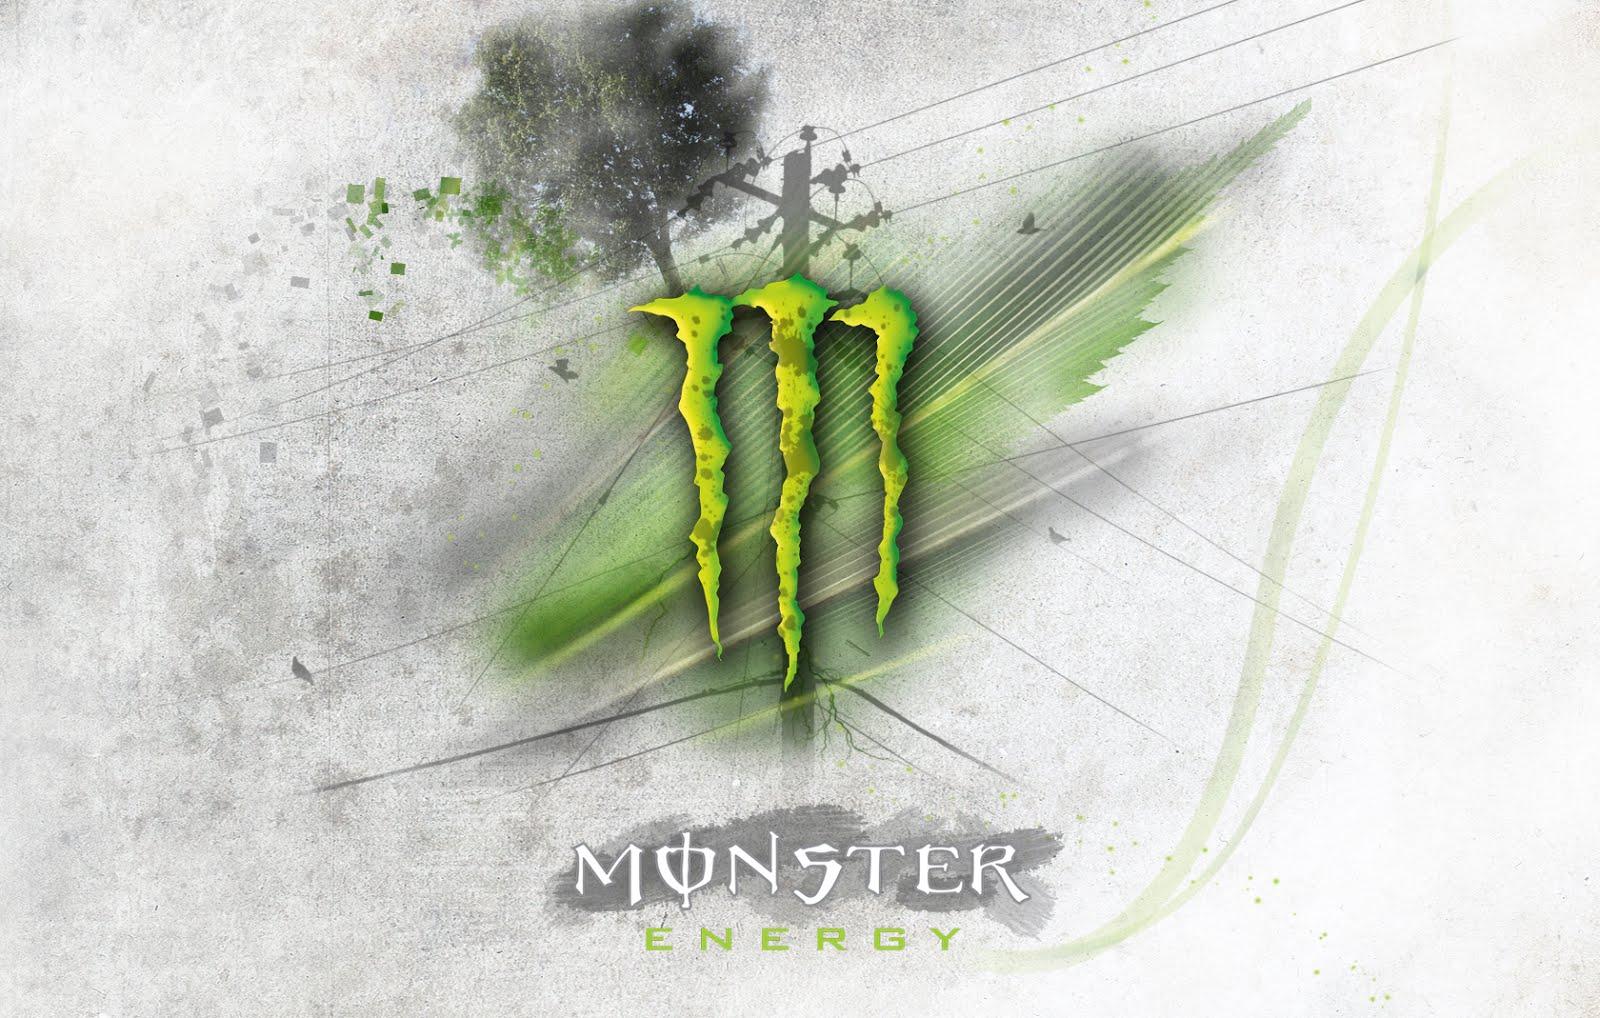 http://2.bp.blogspot.com/-jsNtgqBkbJo/T1ktKwl7XwI/AAAAAAAAGKA/TeINImLn7UE/s1600/Monster%2BEnergy%2Bd07.jpg